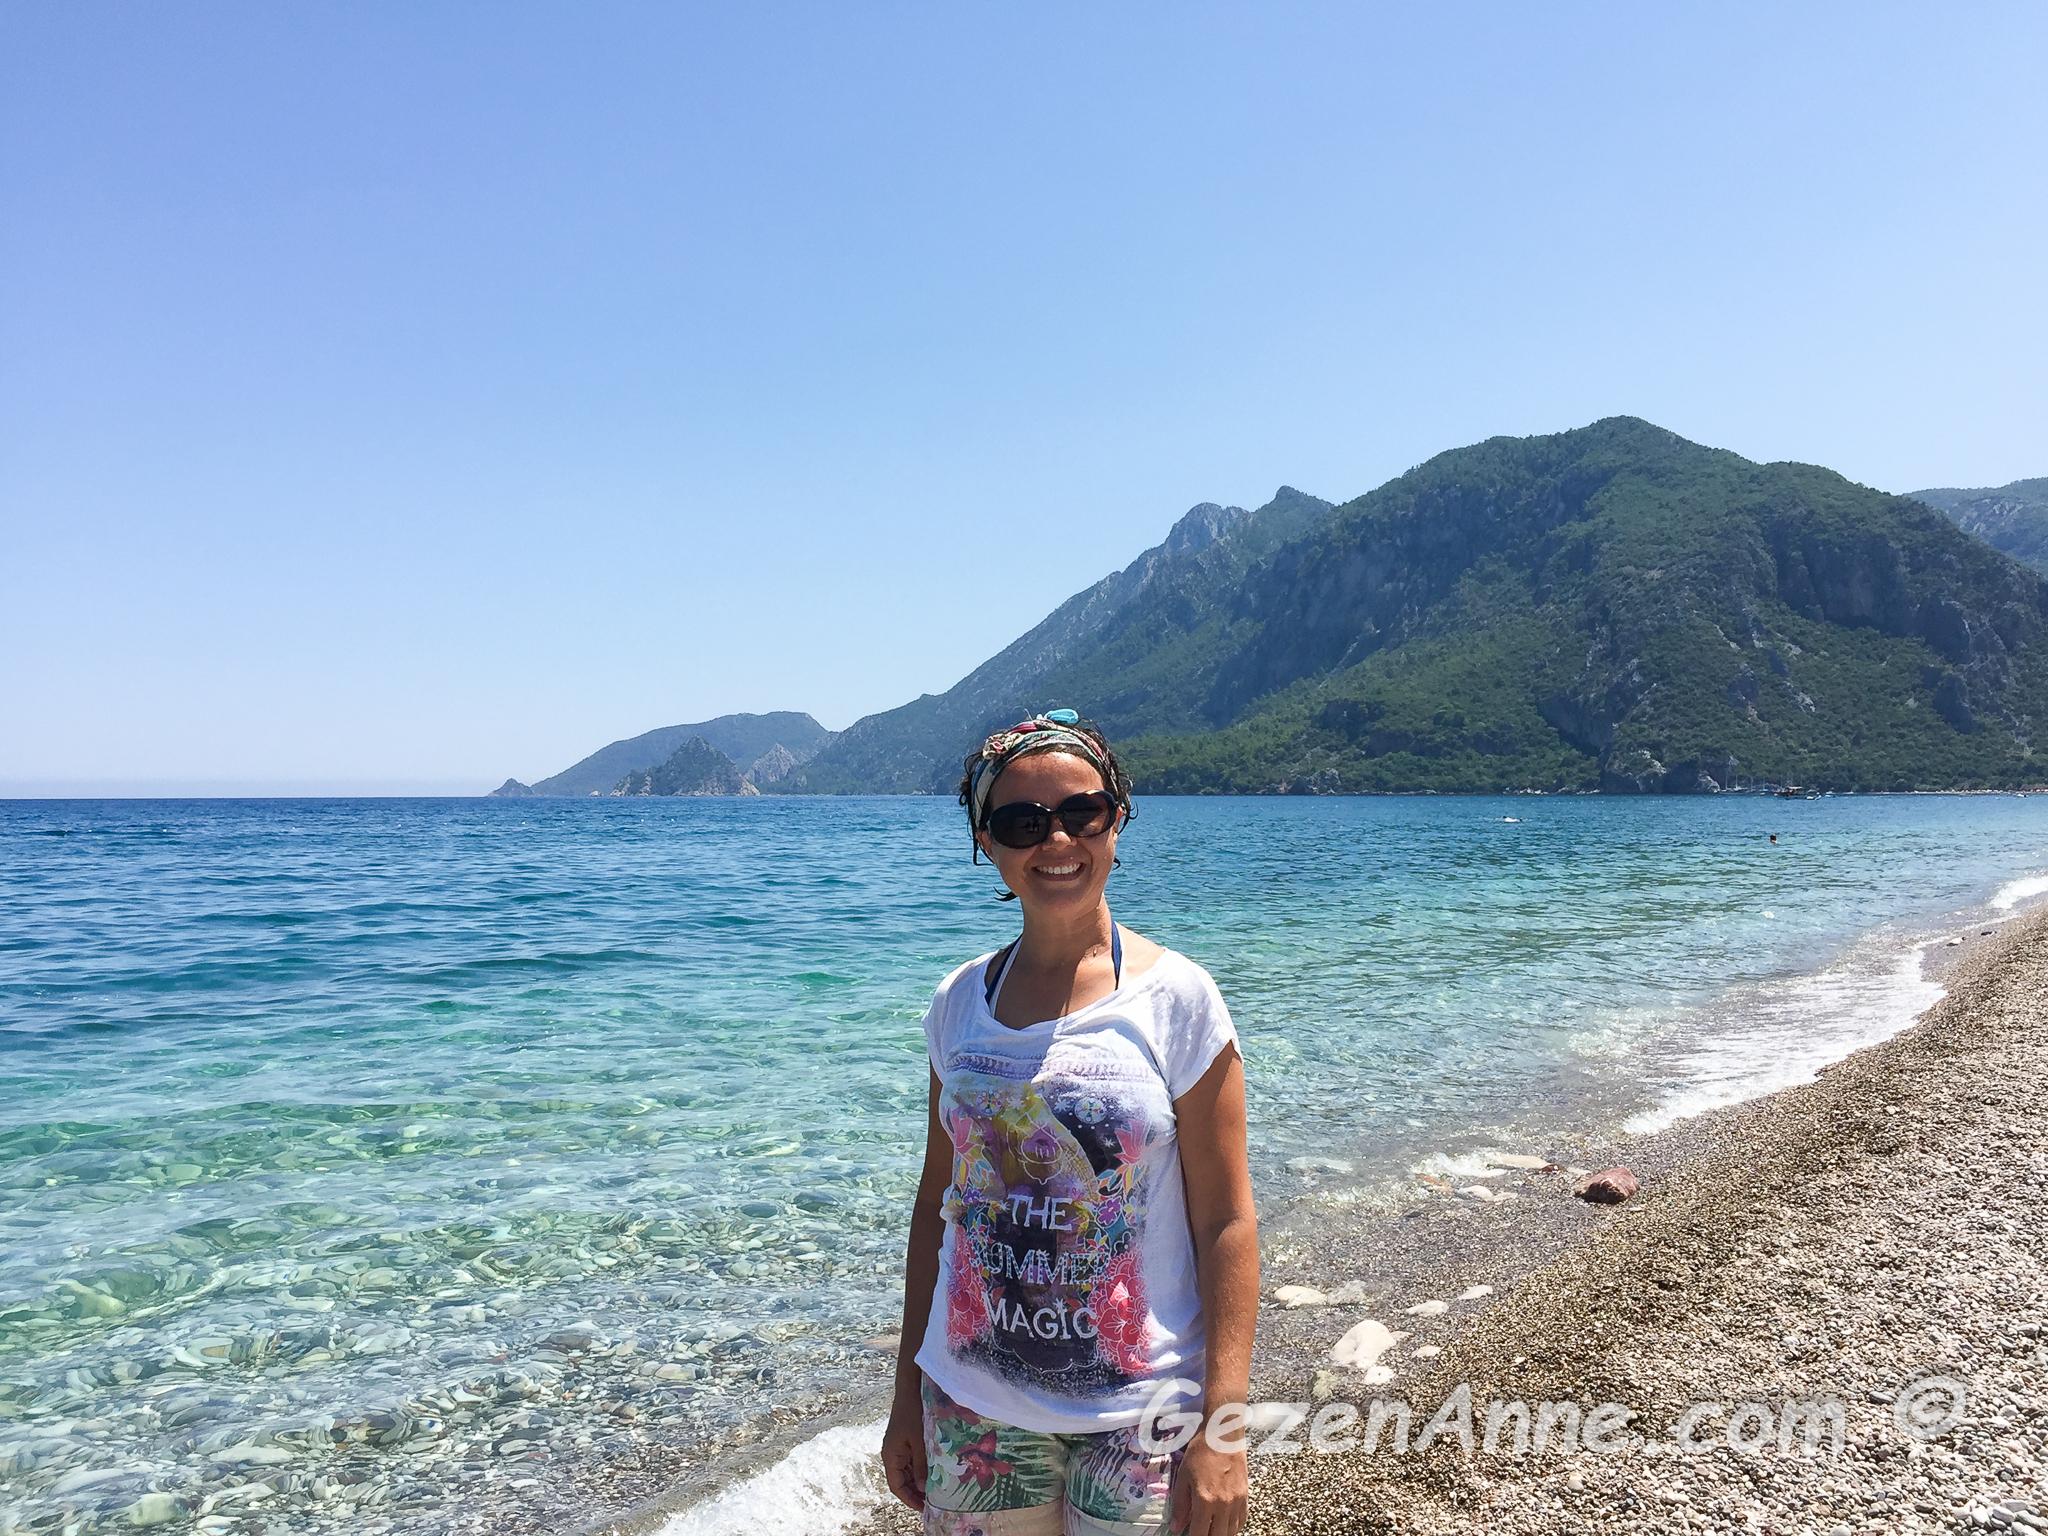 inanılmaz berraklıktaki Çıralı denizi Türkiye'deki en güzel denizlerden biri